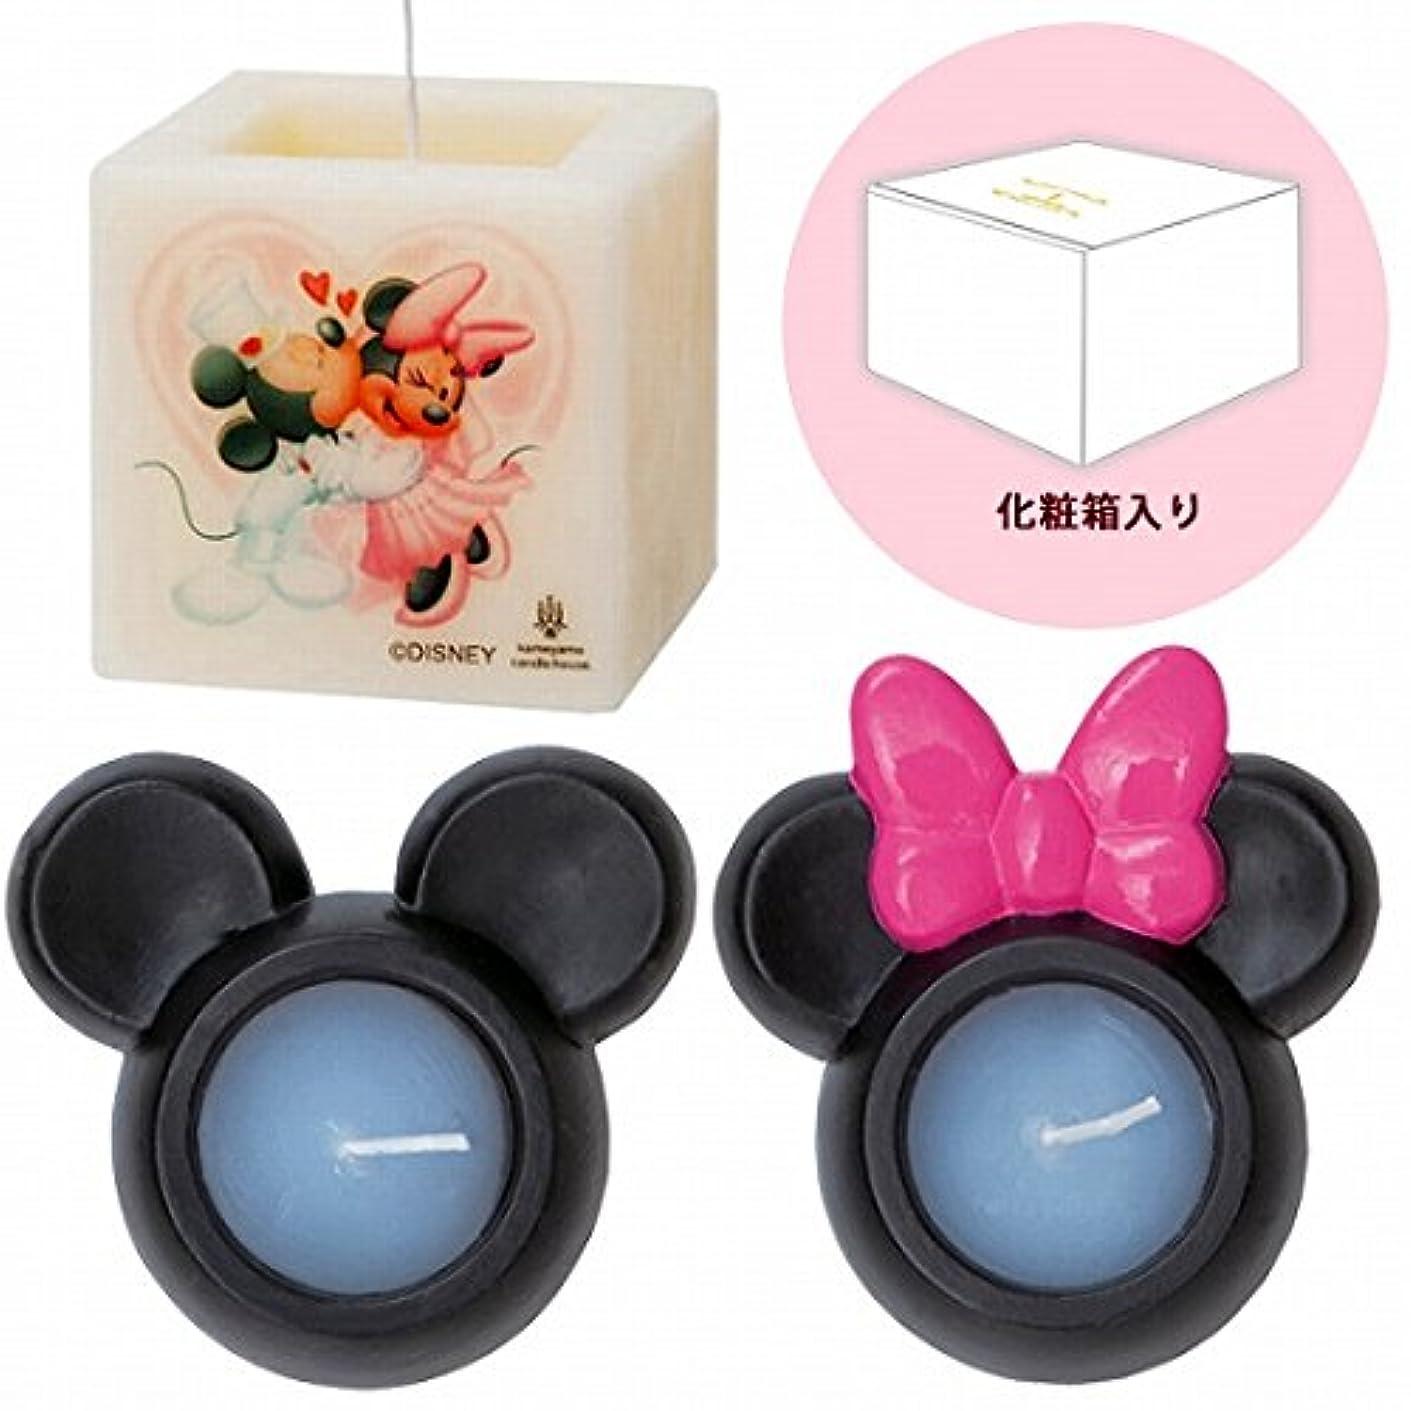 思春期どこサンダーカメヤマキャンドル( kameyama candle ) ミッキー&ミニーキャンドルセットM